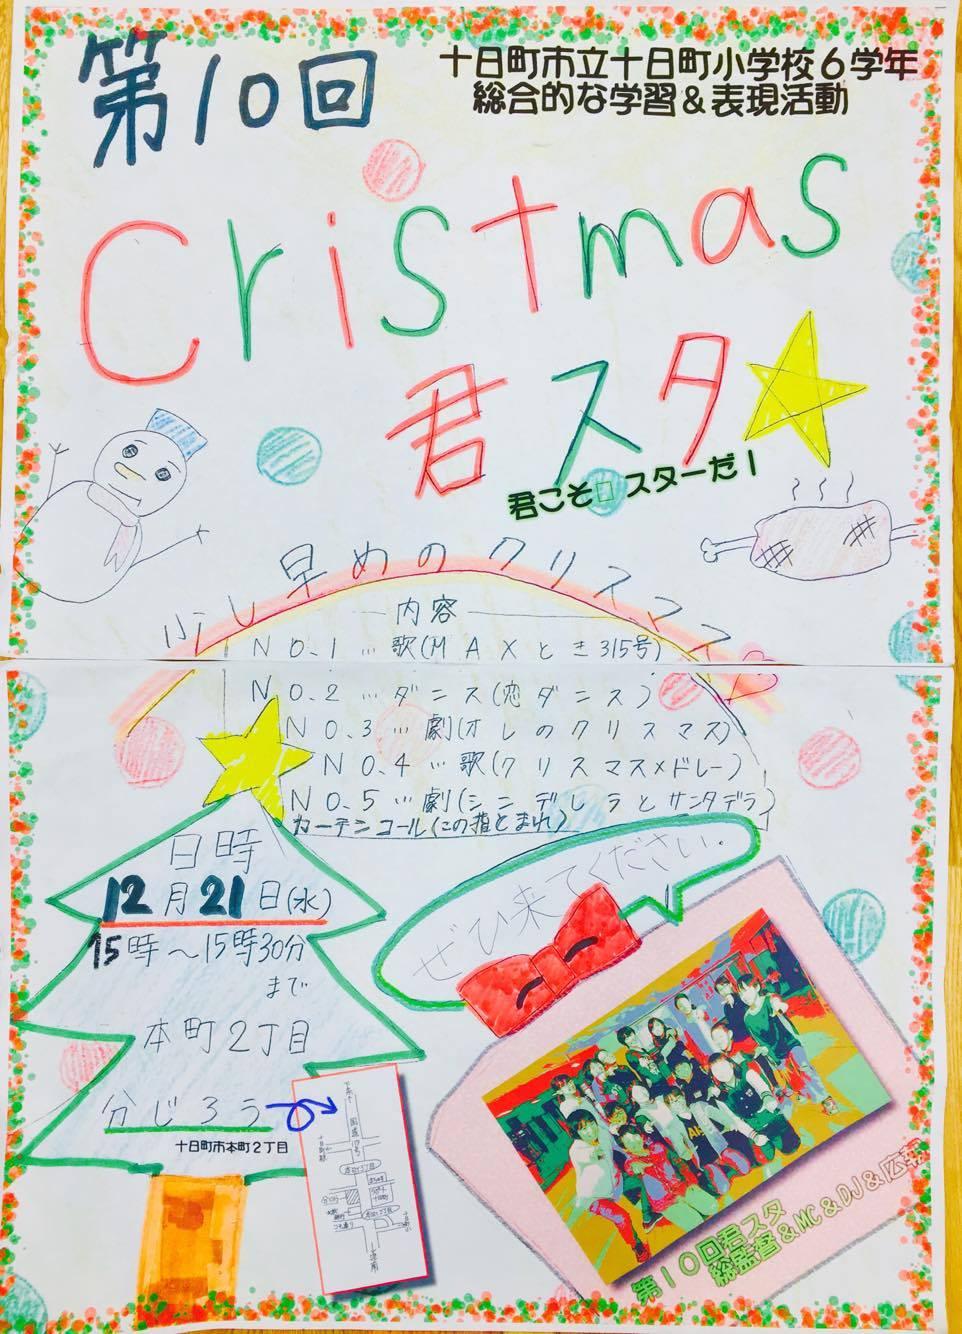 第10回 Christmas 君スタ☆